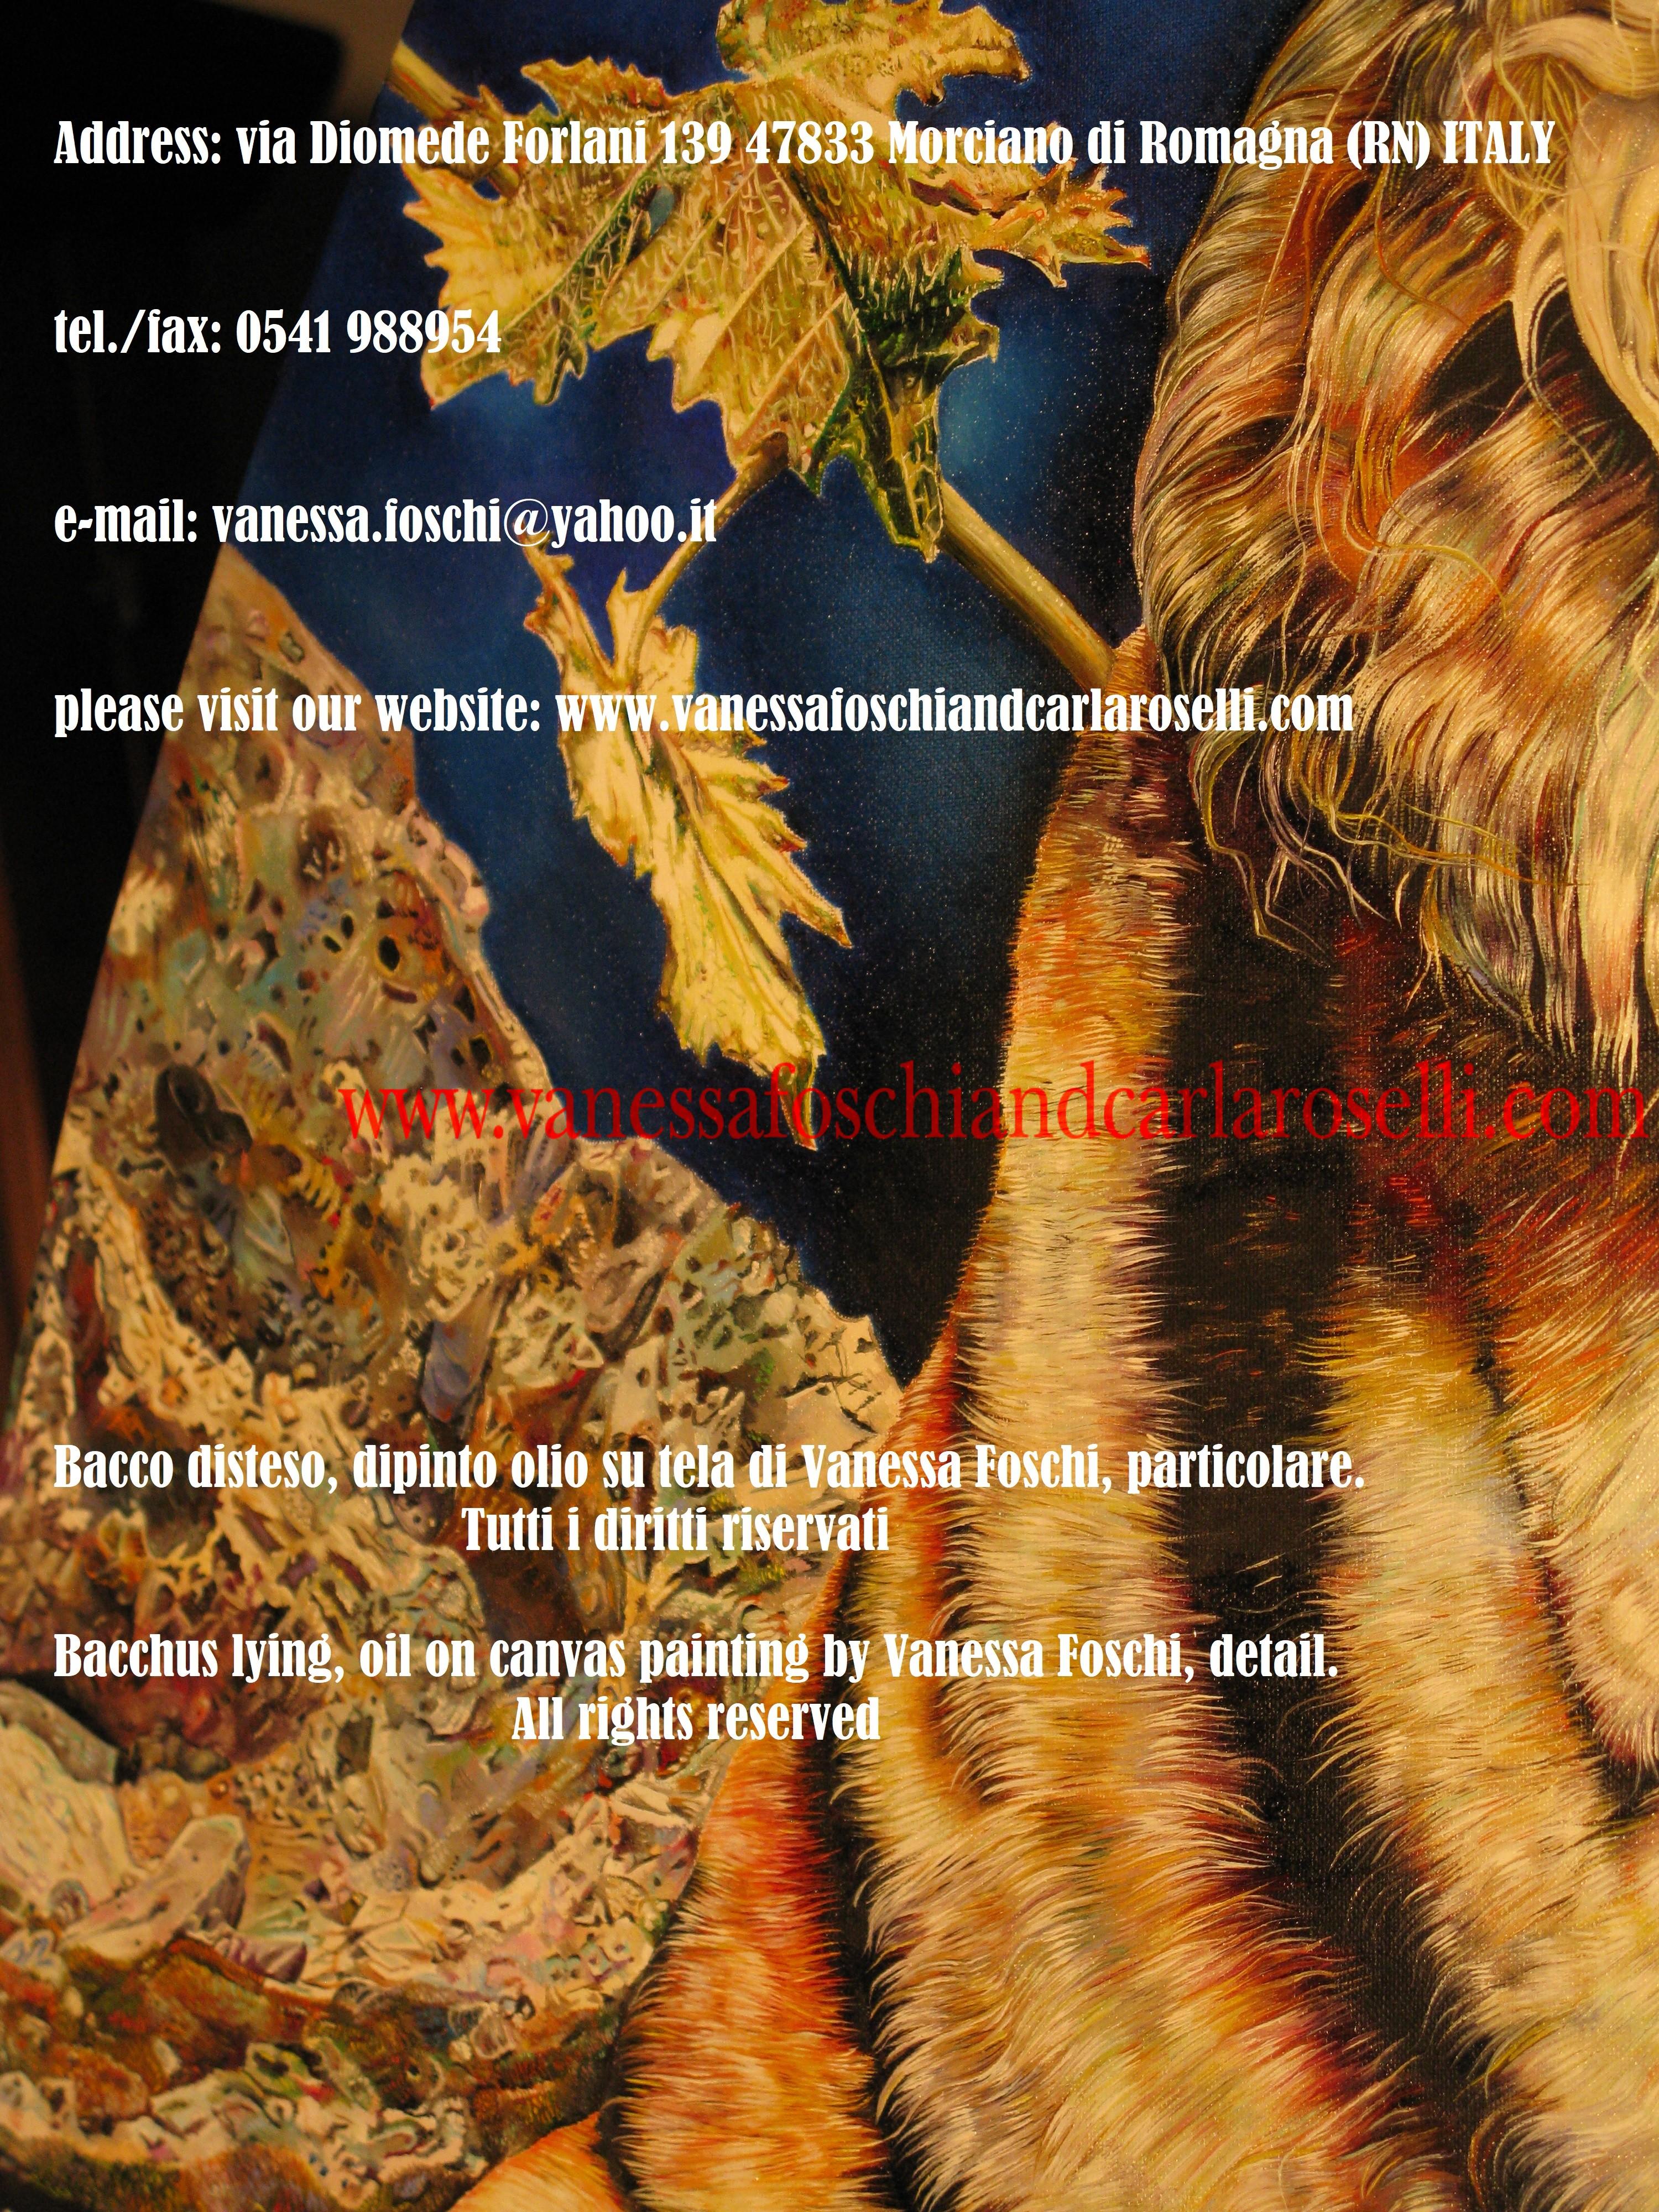 Bacco disteso, Sulla destra sono le montagne di Creta dove fu allevato da Rea/Cibele, la Gran Madre degli dei. Euripide, ( Baccanti, vv. 120-123), nei suoi celebri aristofanii, così canta il luogo: riposta dimora dei Cureti, sacrosanto, meraviglioso soggiorno, antro di Creta dove nacque Zeus.